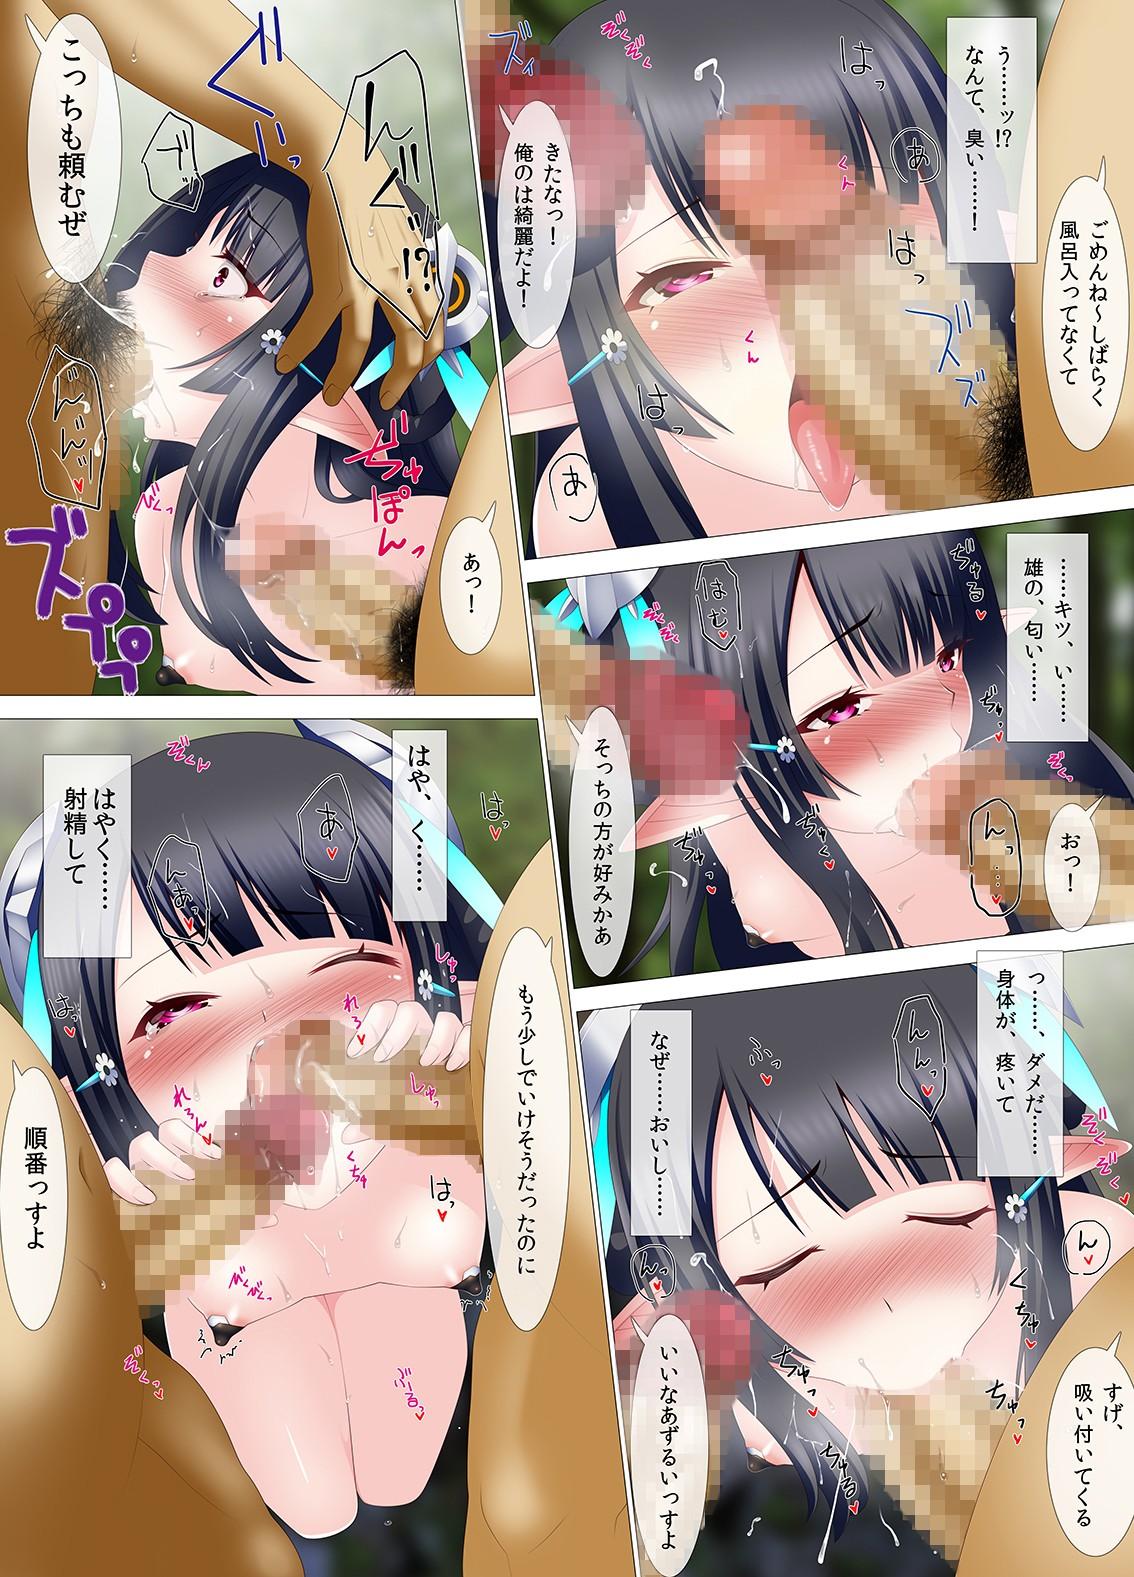 [その他フェチ]「NAKED 0335 E乳女体図鑑 宮野麻菜果」(宮野まなか)